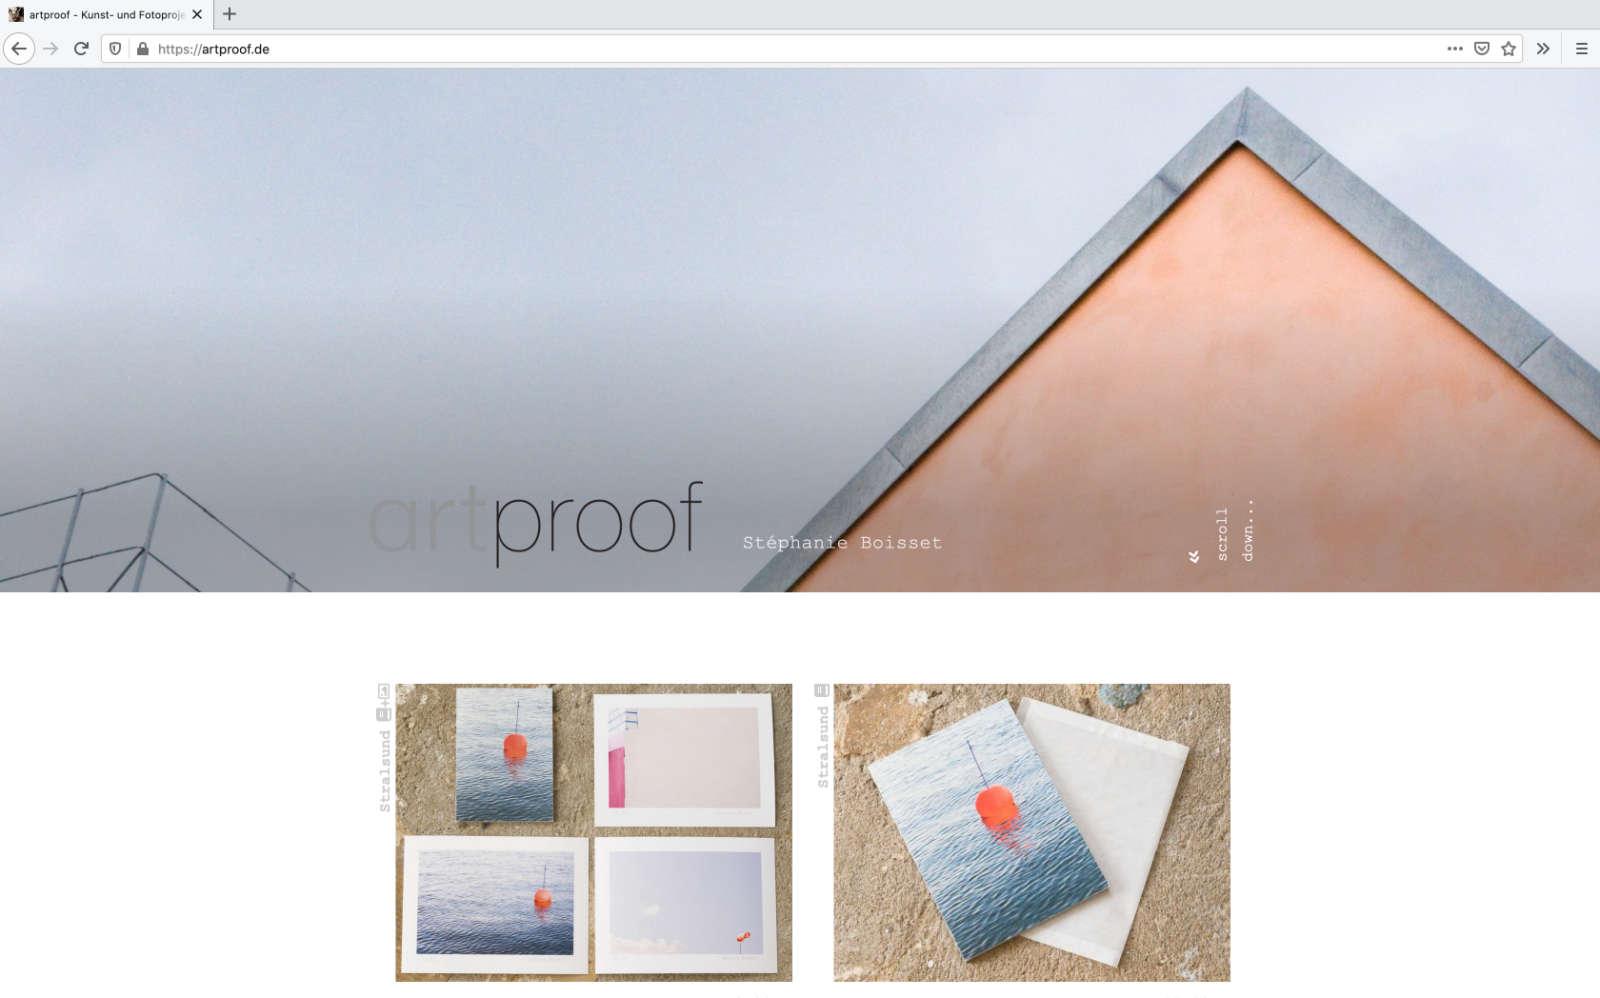 Index Seite mit der typischen Ostsee Architektur als Header-Bild von artproof.de